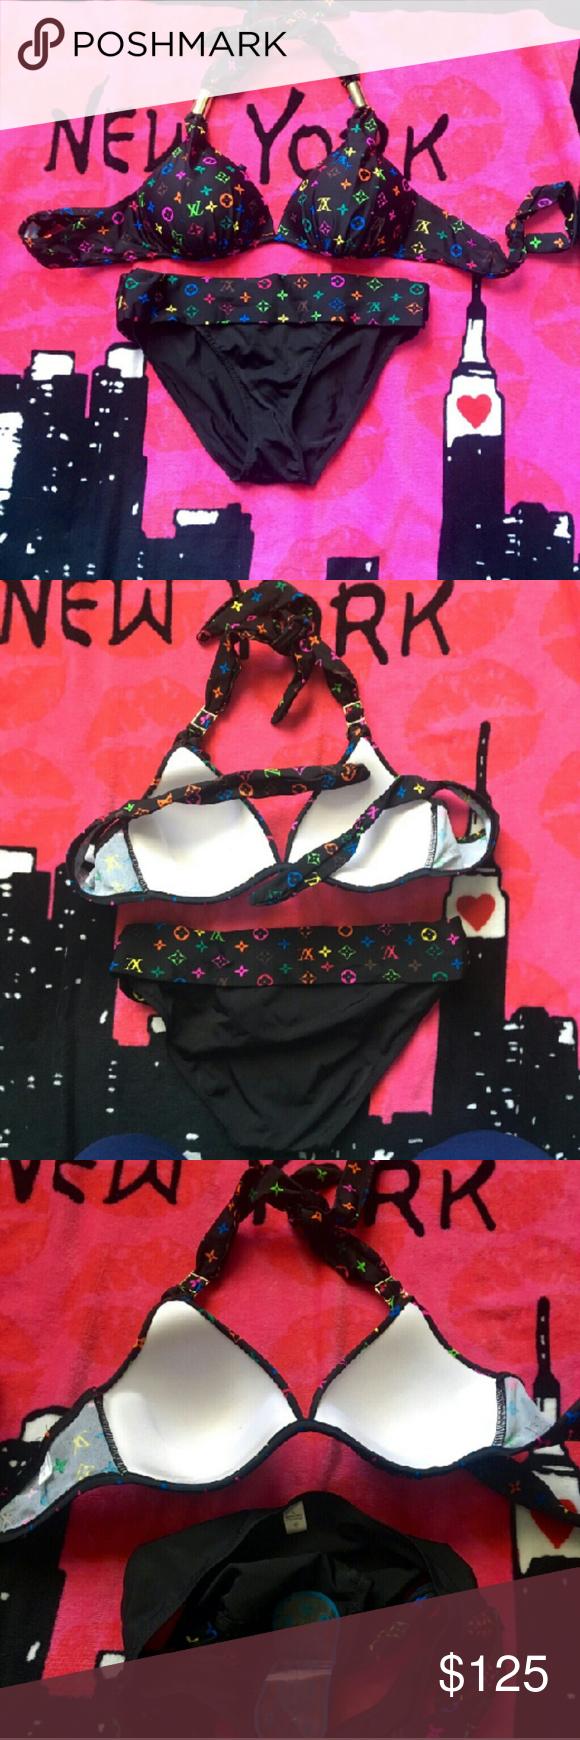 9352b629d6 New LV Black Multicolor Bikini Swimsuit Set